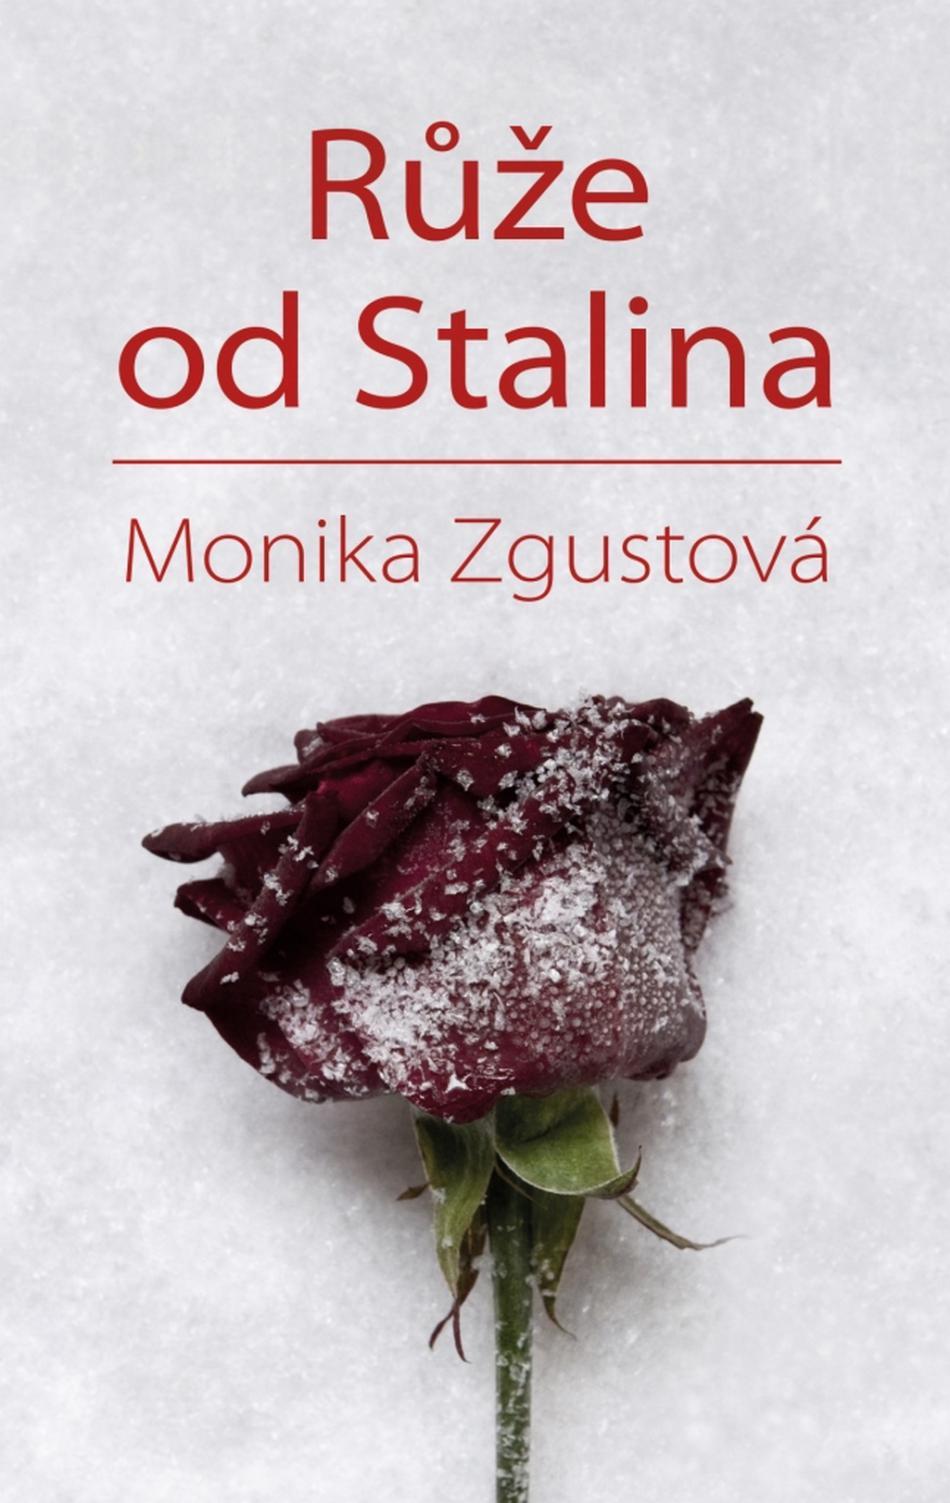 Růže od Stalina